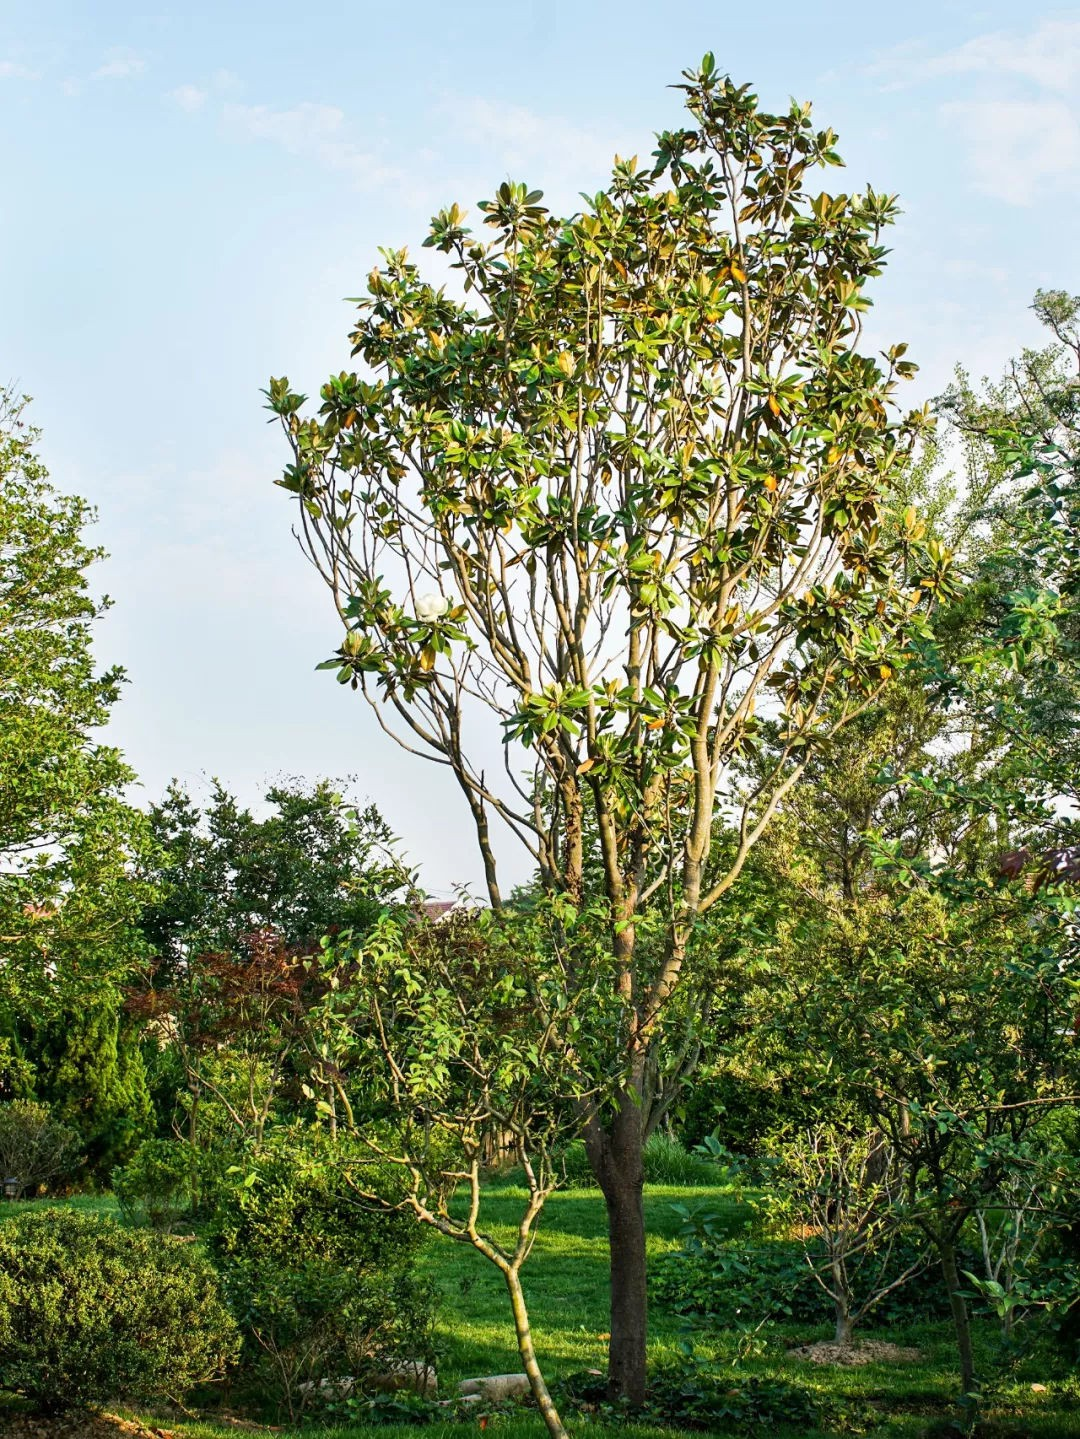 Ngôi nhà vườn rộng 4000m² đẹp bình yên được cải tạo từ mảnh đất toàn rác nhờ sự đồng lòng của hai vợ chồng bỏ phố về quê - Ảnh 17.